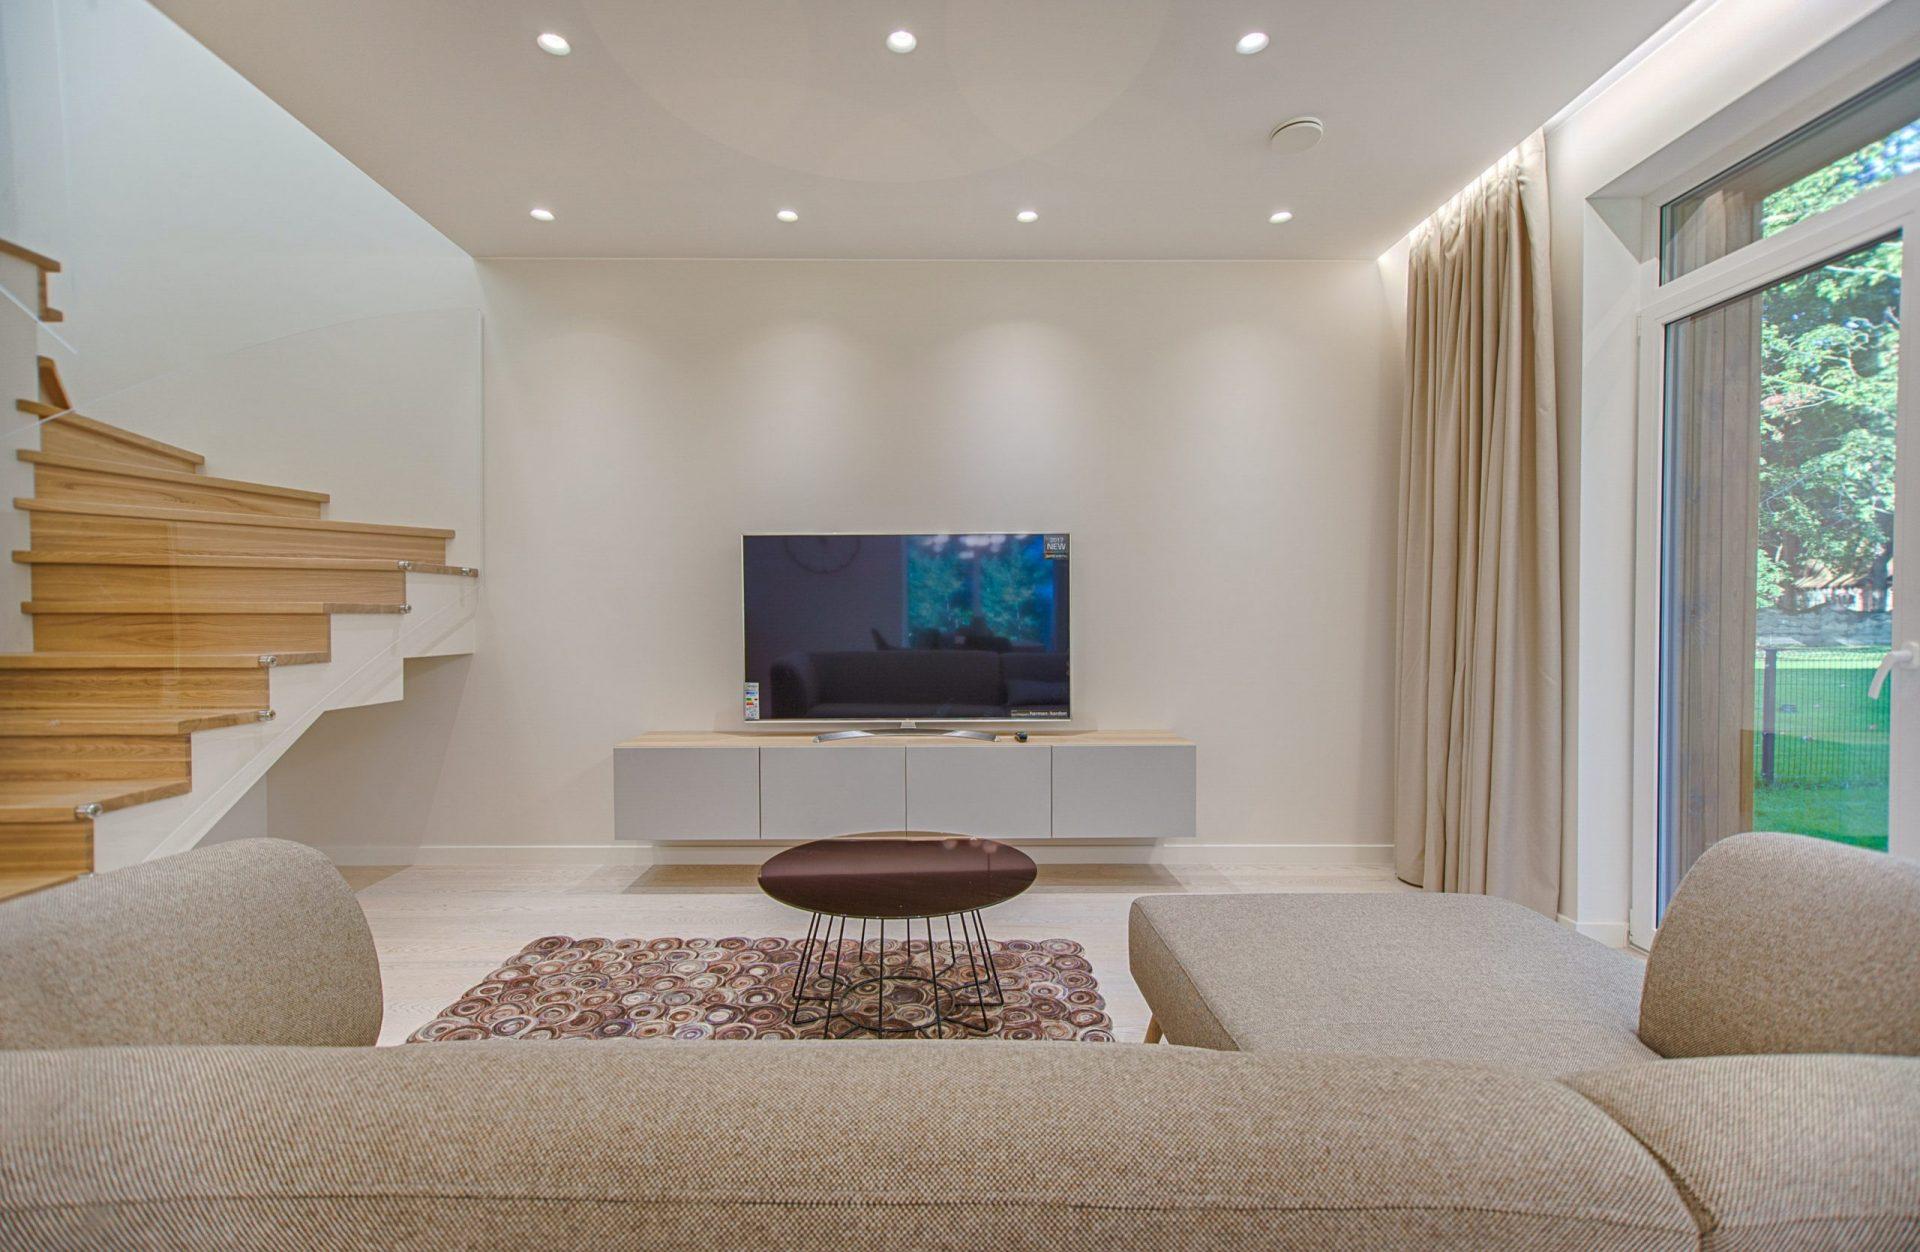 Was ist ein Smart Home? – Definition, Geräte und Systeme